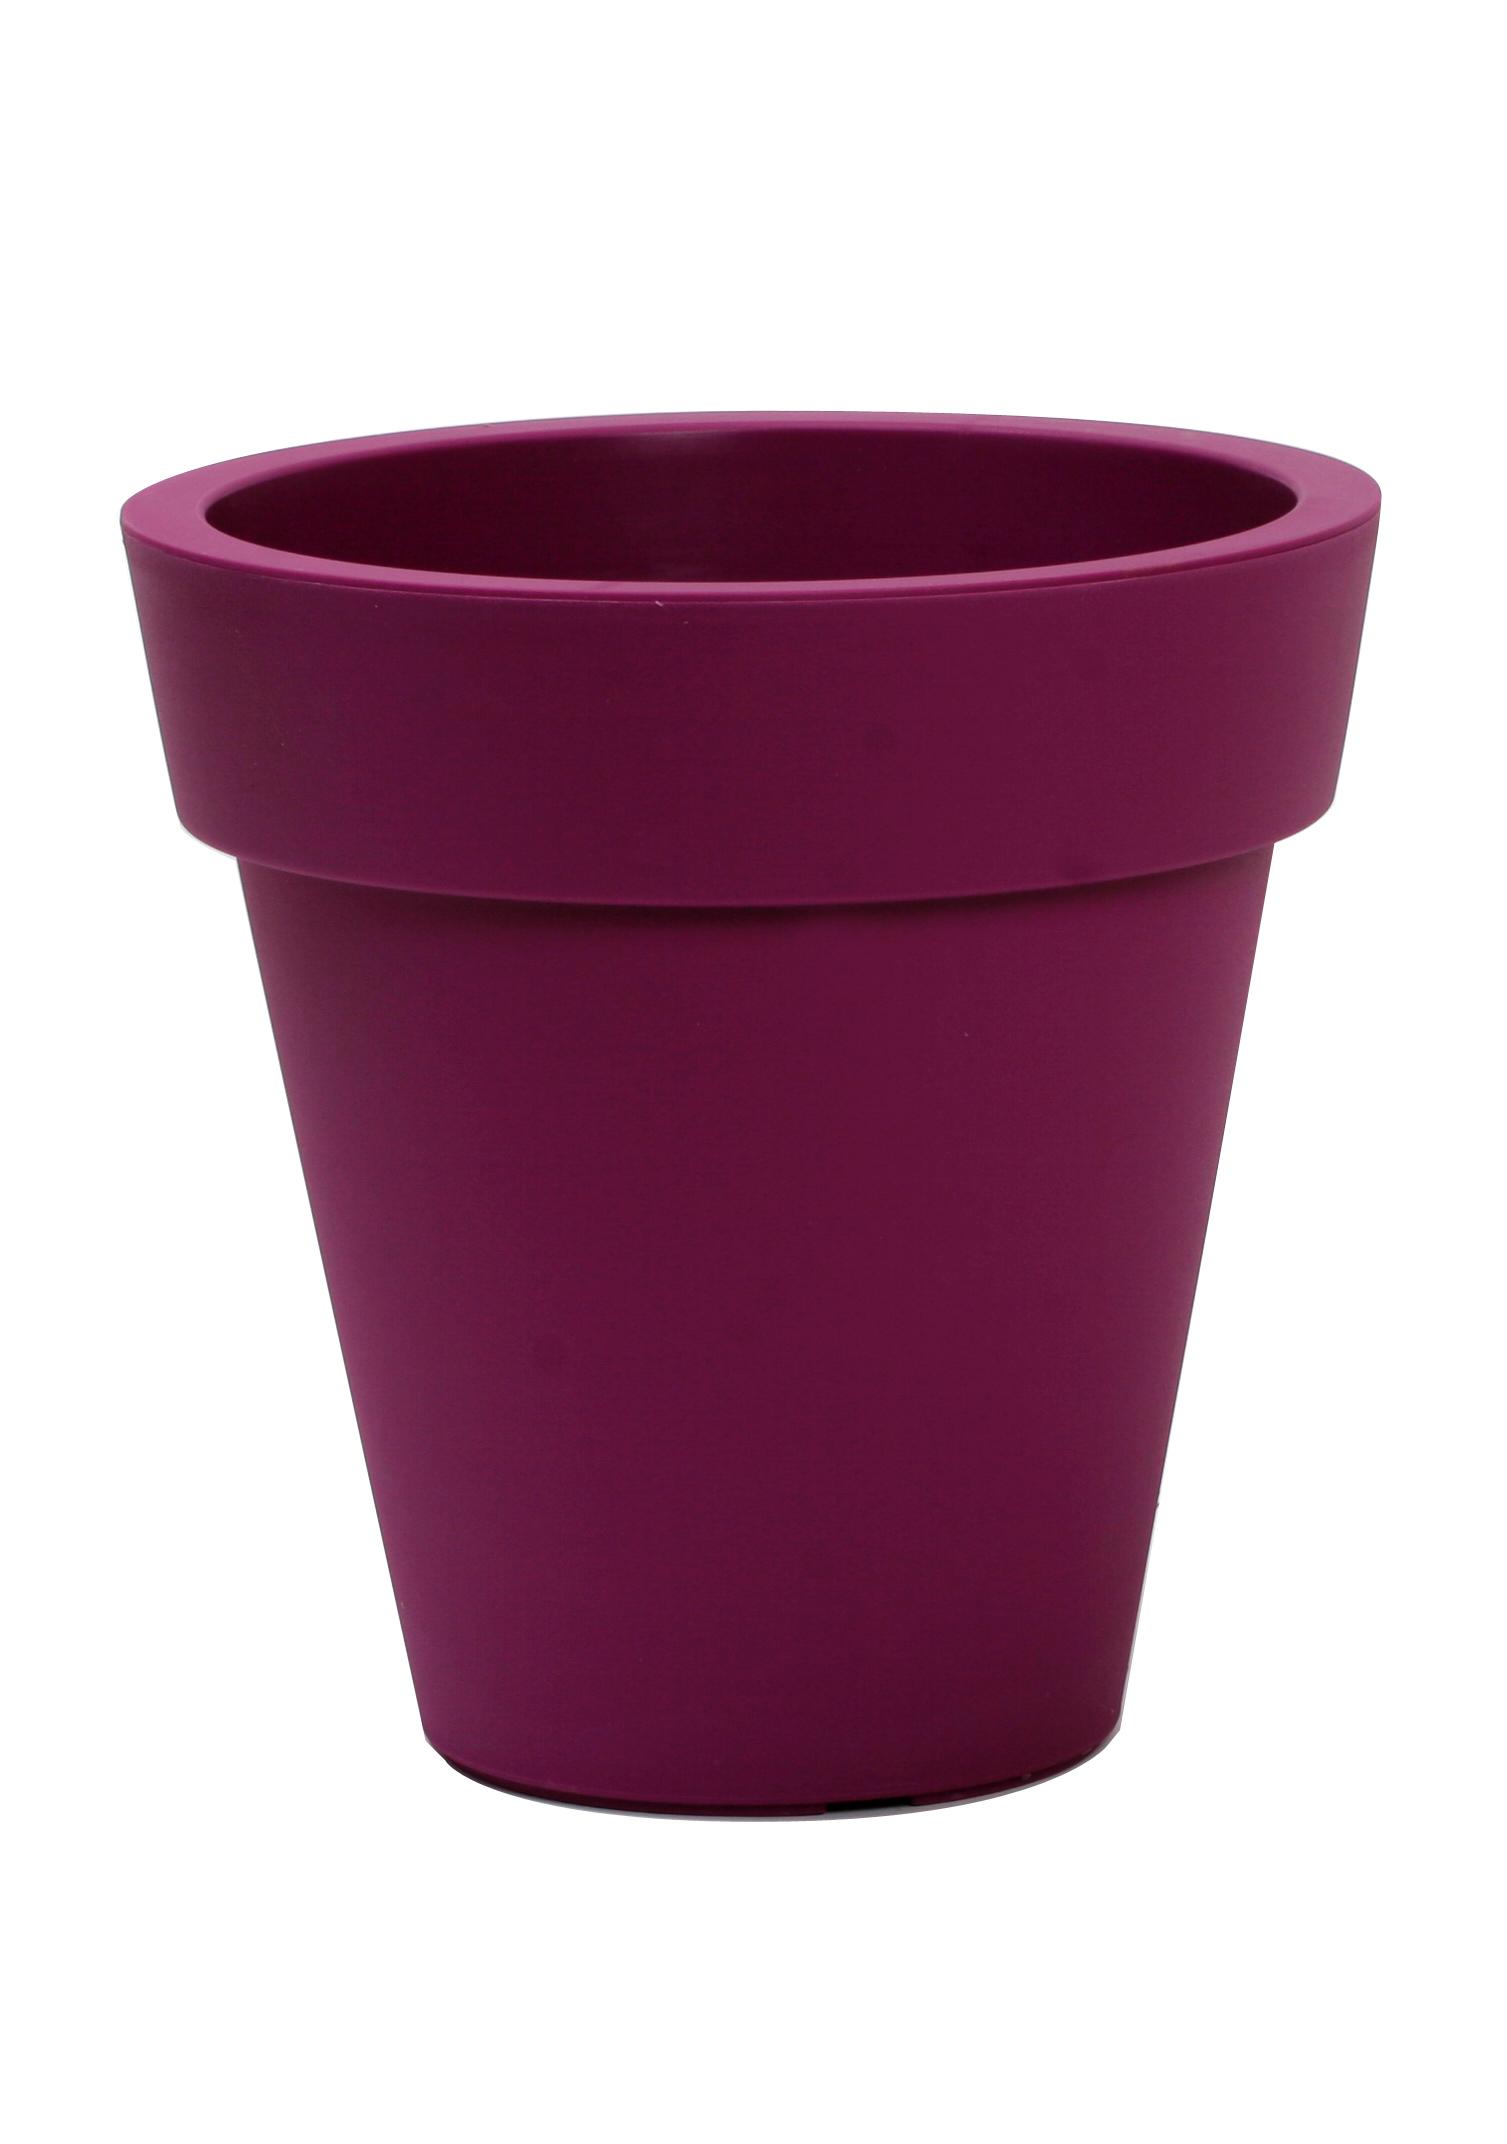 Pot De Fleur Couleur Vive destiné Pot Couleur Jardin